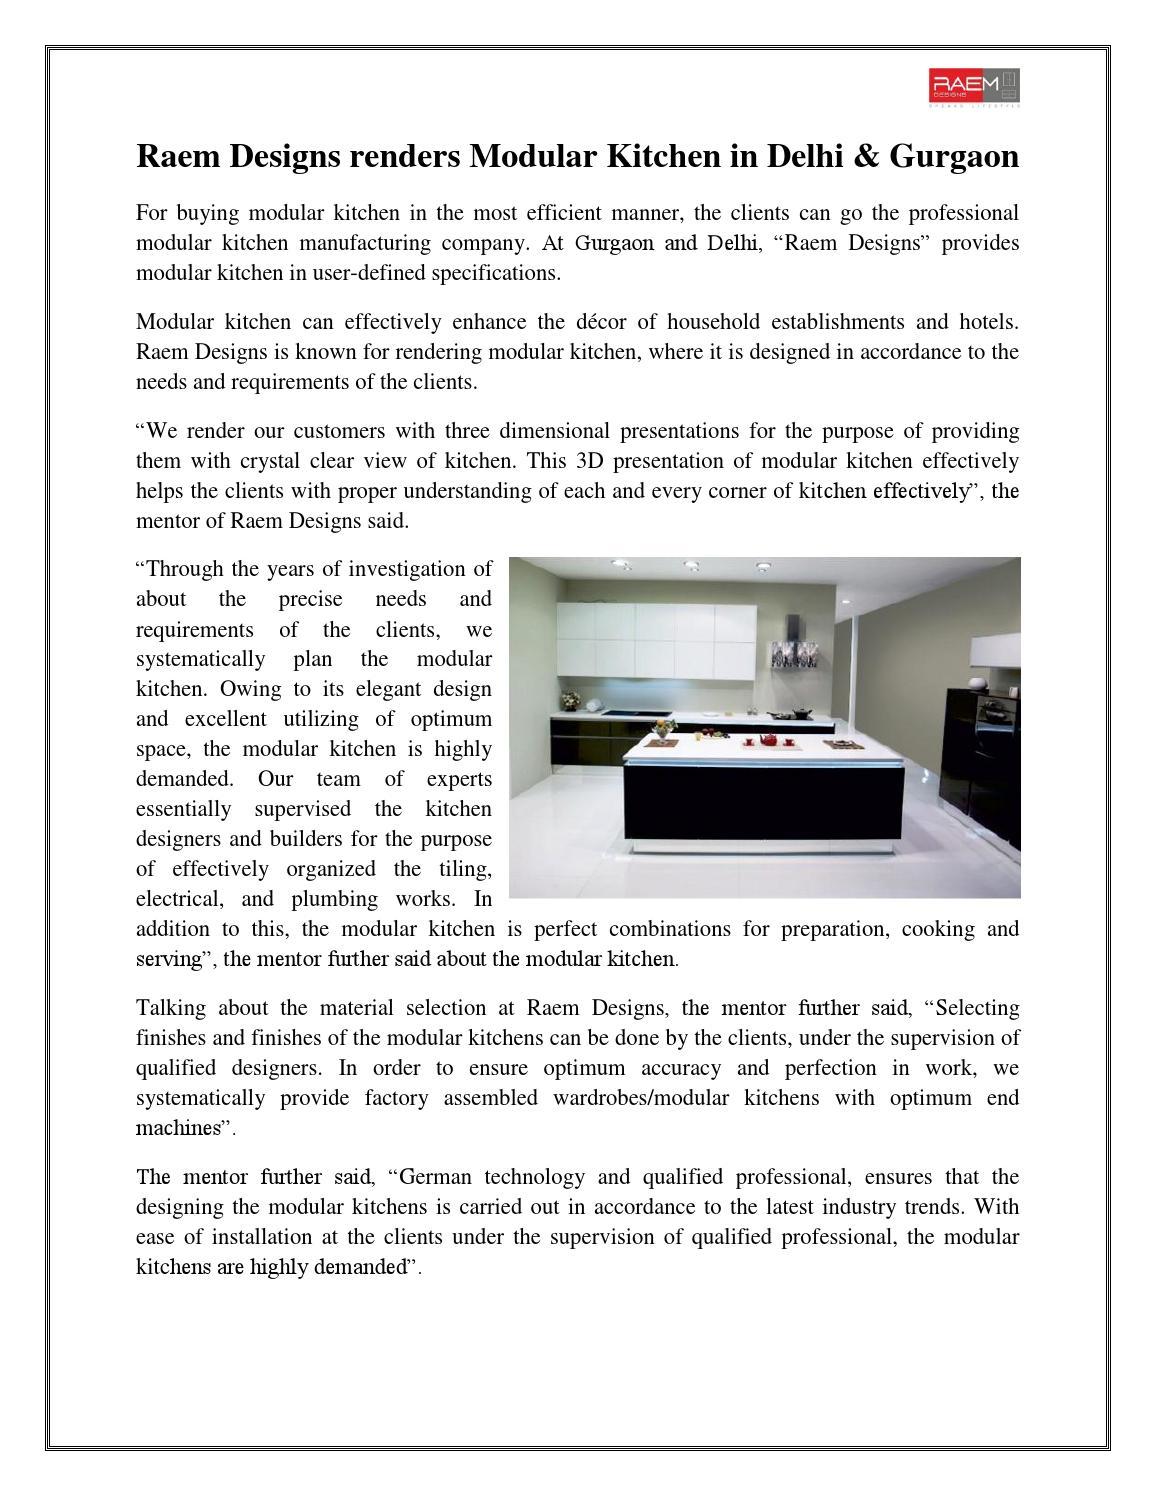 Raem designs renders modular kitchen in delhi & gurgaon by ...